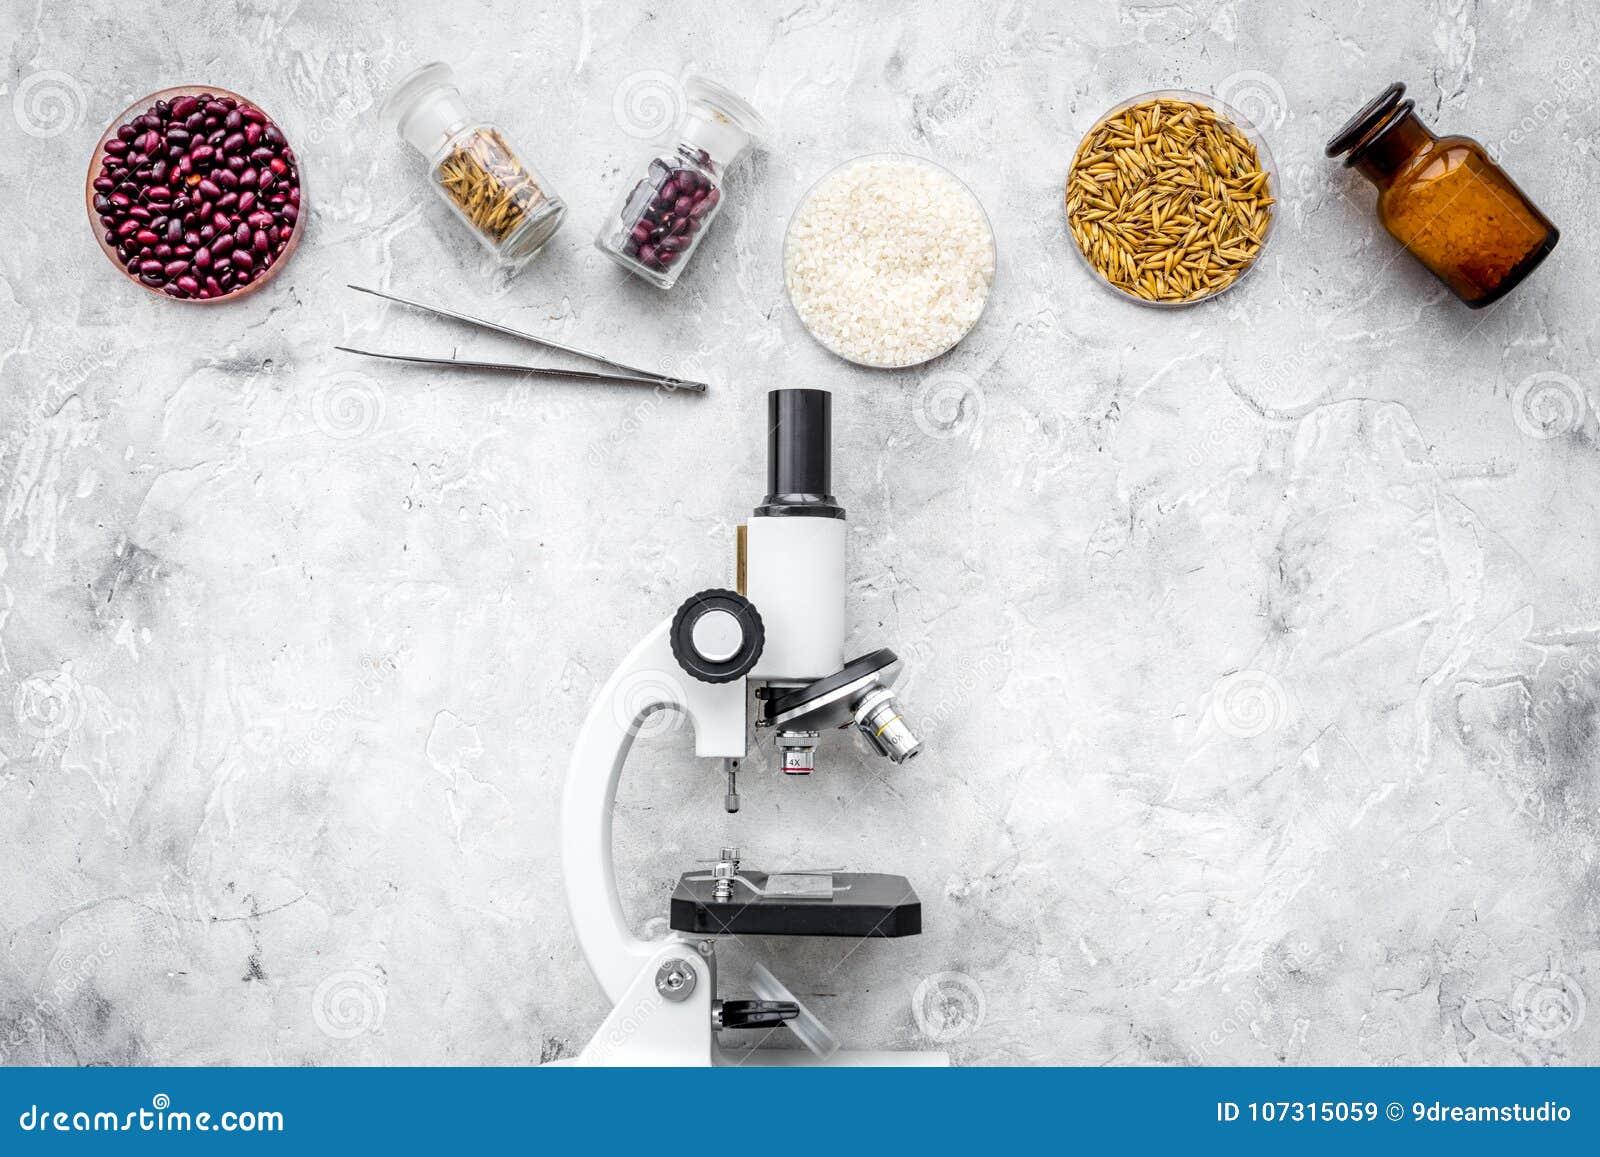 Bezpieczeństwo żywnościowe Banatka, ryż i czerwone fasole blisko mikroskopu na popielatym tło odgórnego widoku copyspace,